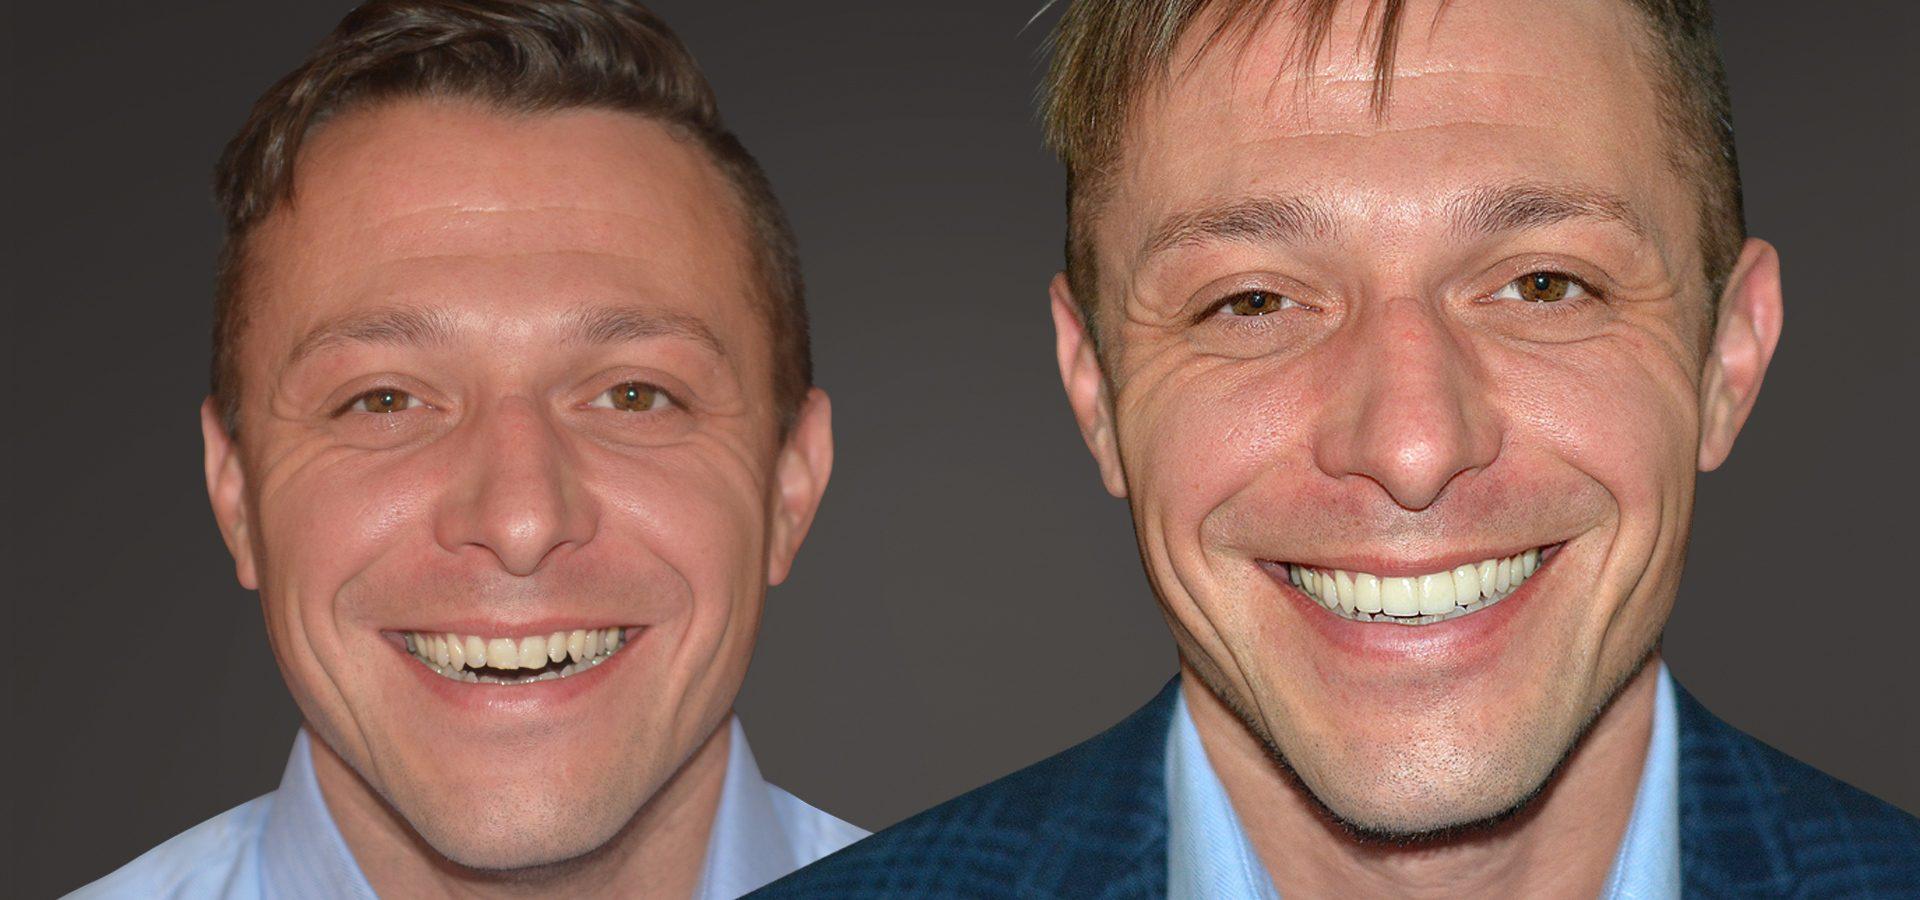 Veneers für ein strahlendes Lächeln und schöne Zähne in Düsseldorf